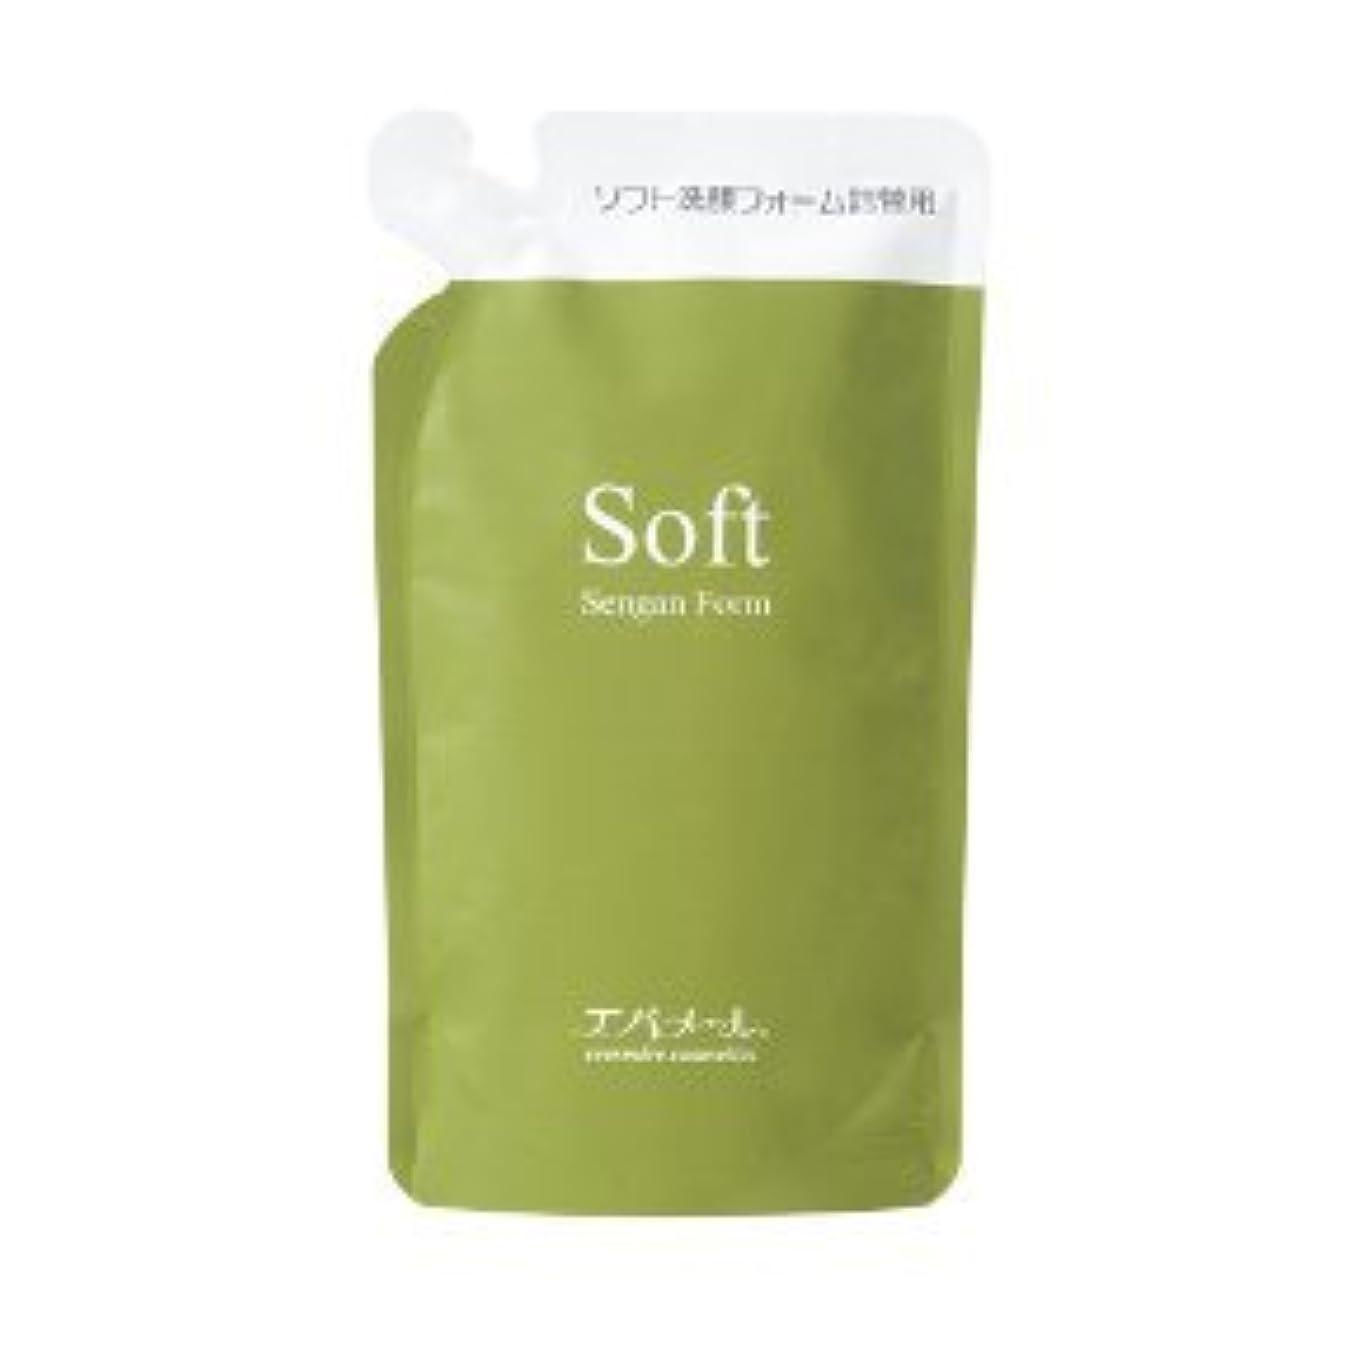 閉塞フロントスリットエバメール ソフト洗顔フォーム 200ml レフィル